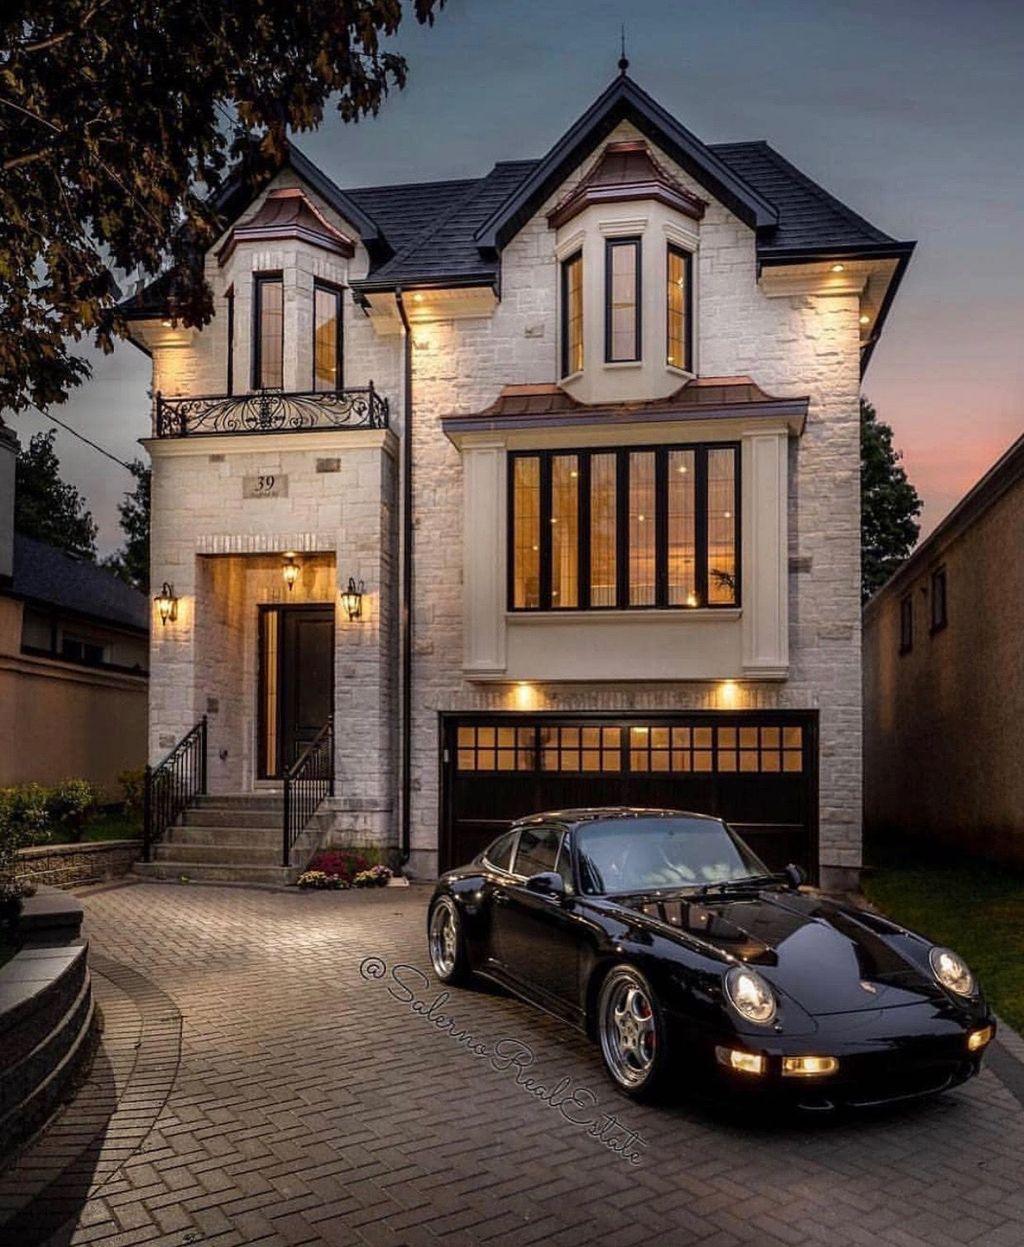 The Best Classic Exterior Design Ideas Luxury Look 01